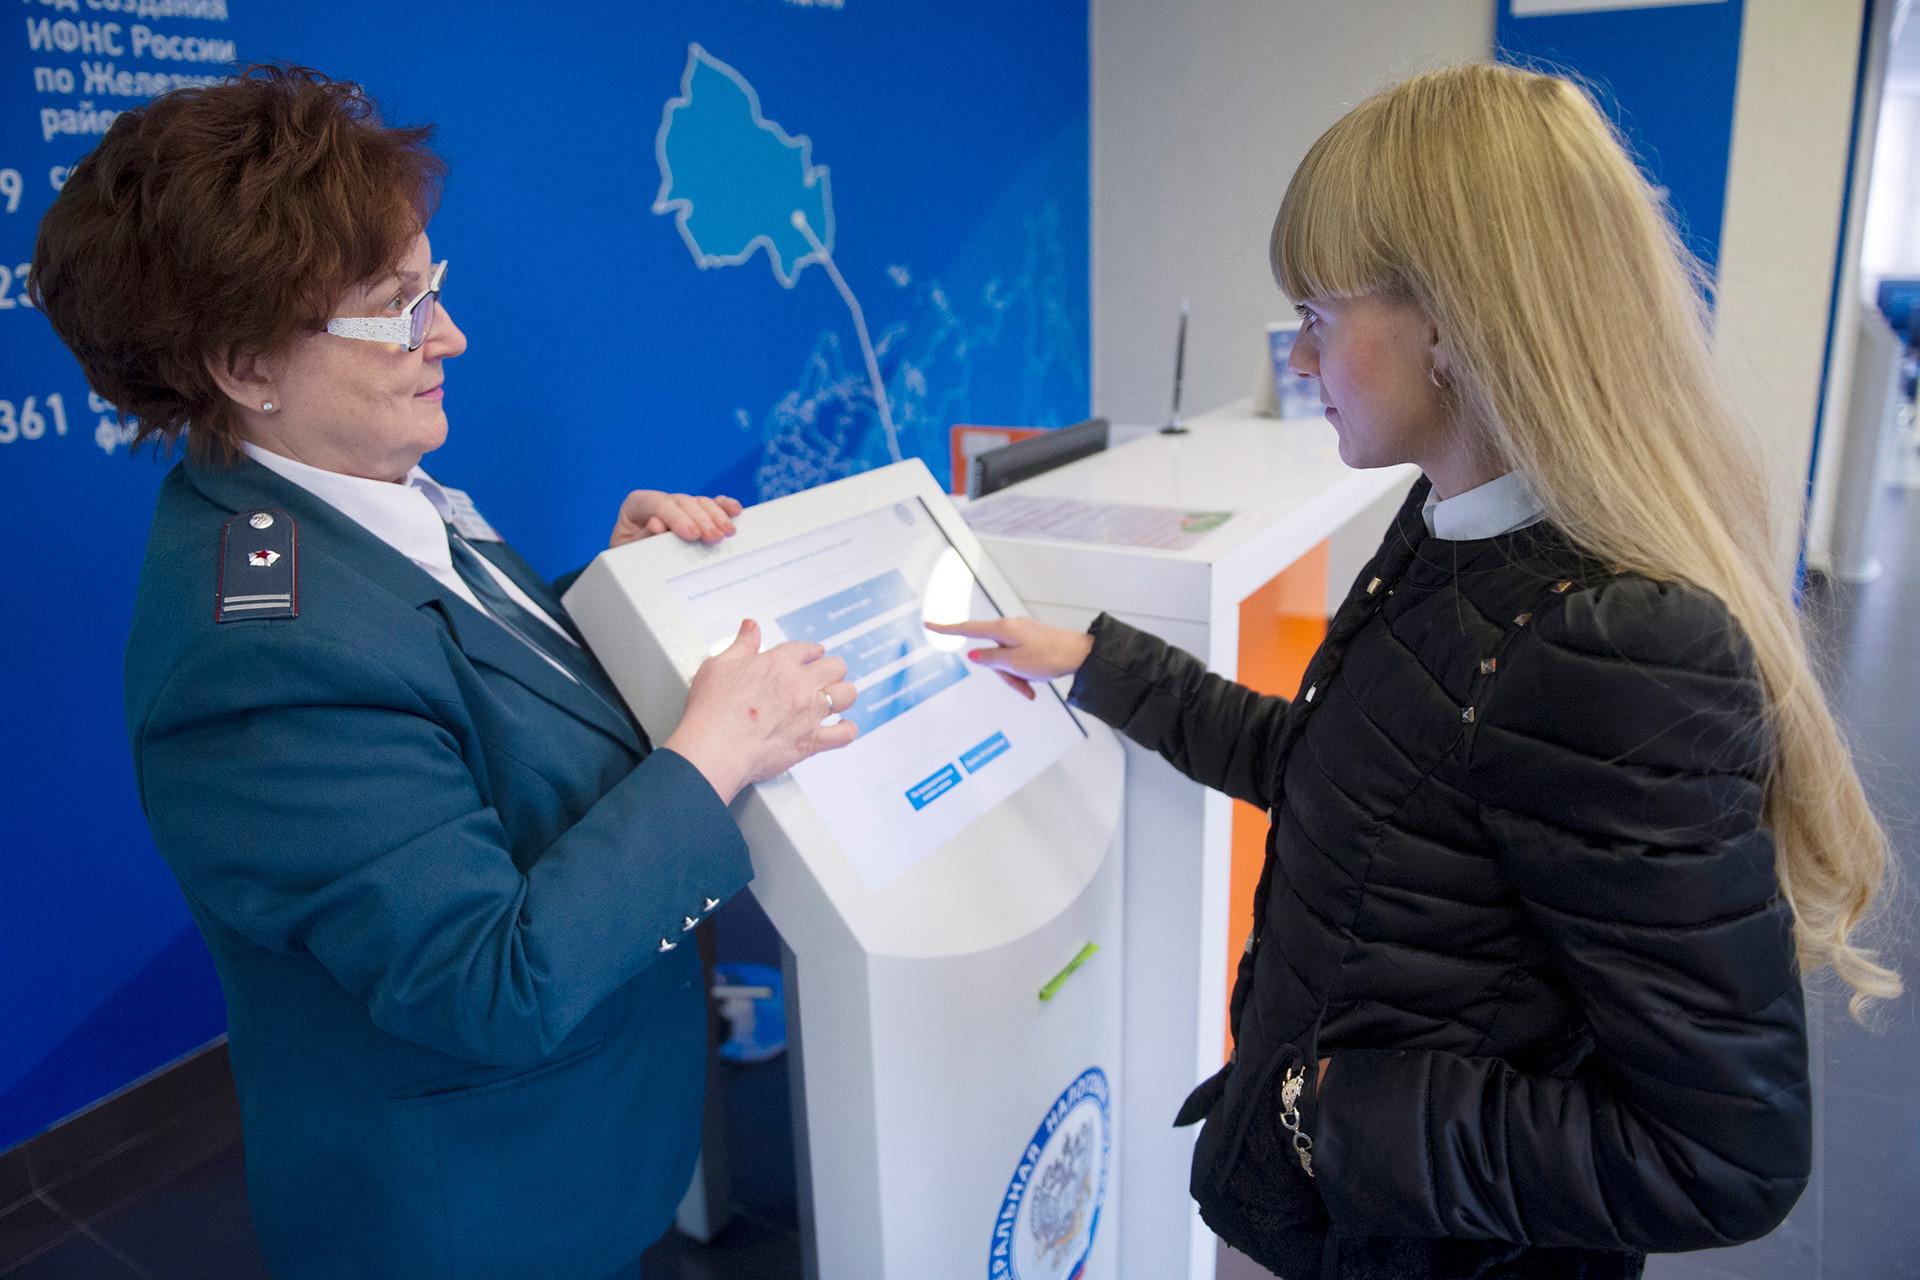 Terminal eletrônico no escritório do departamento fiscal de Novosibirsk